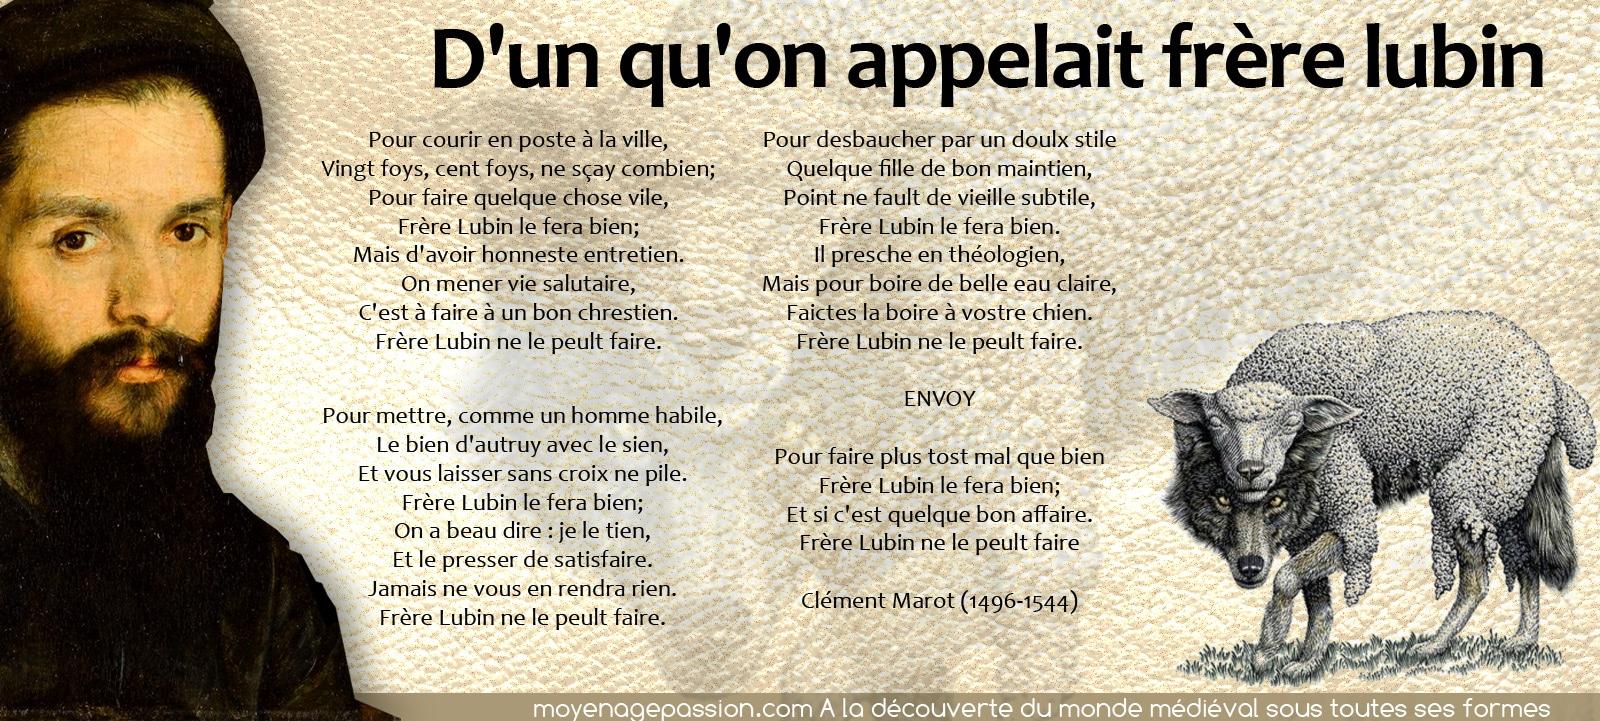 poesie_satirique_frere_lubin_clement_marot_monde_medieval_moine_devoye